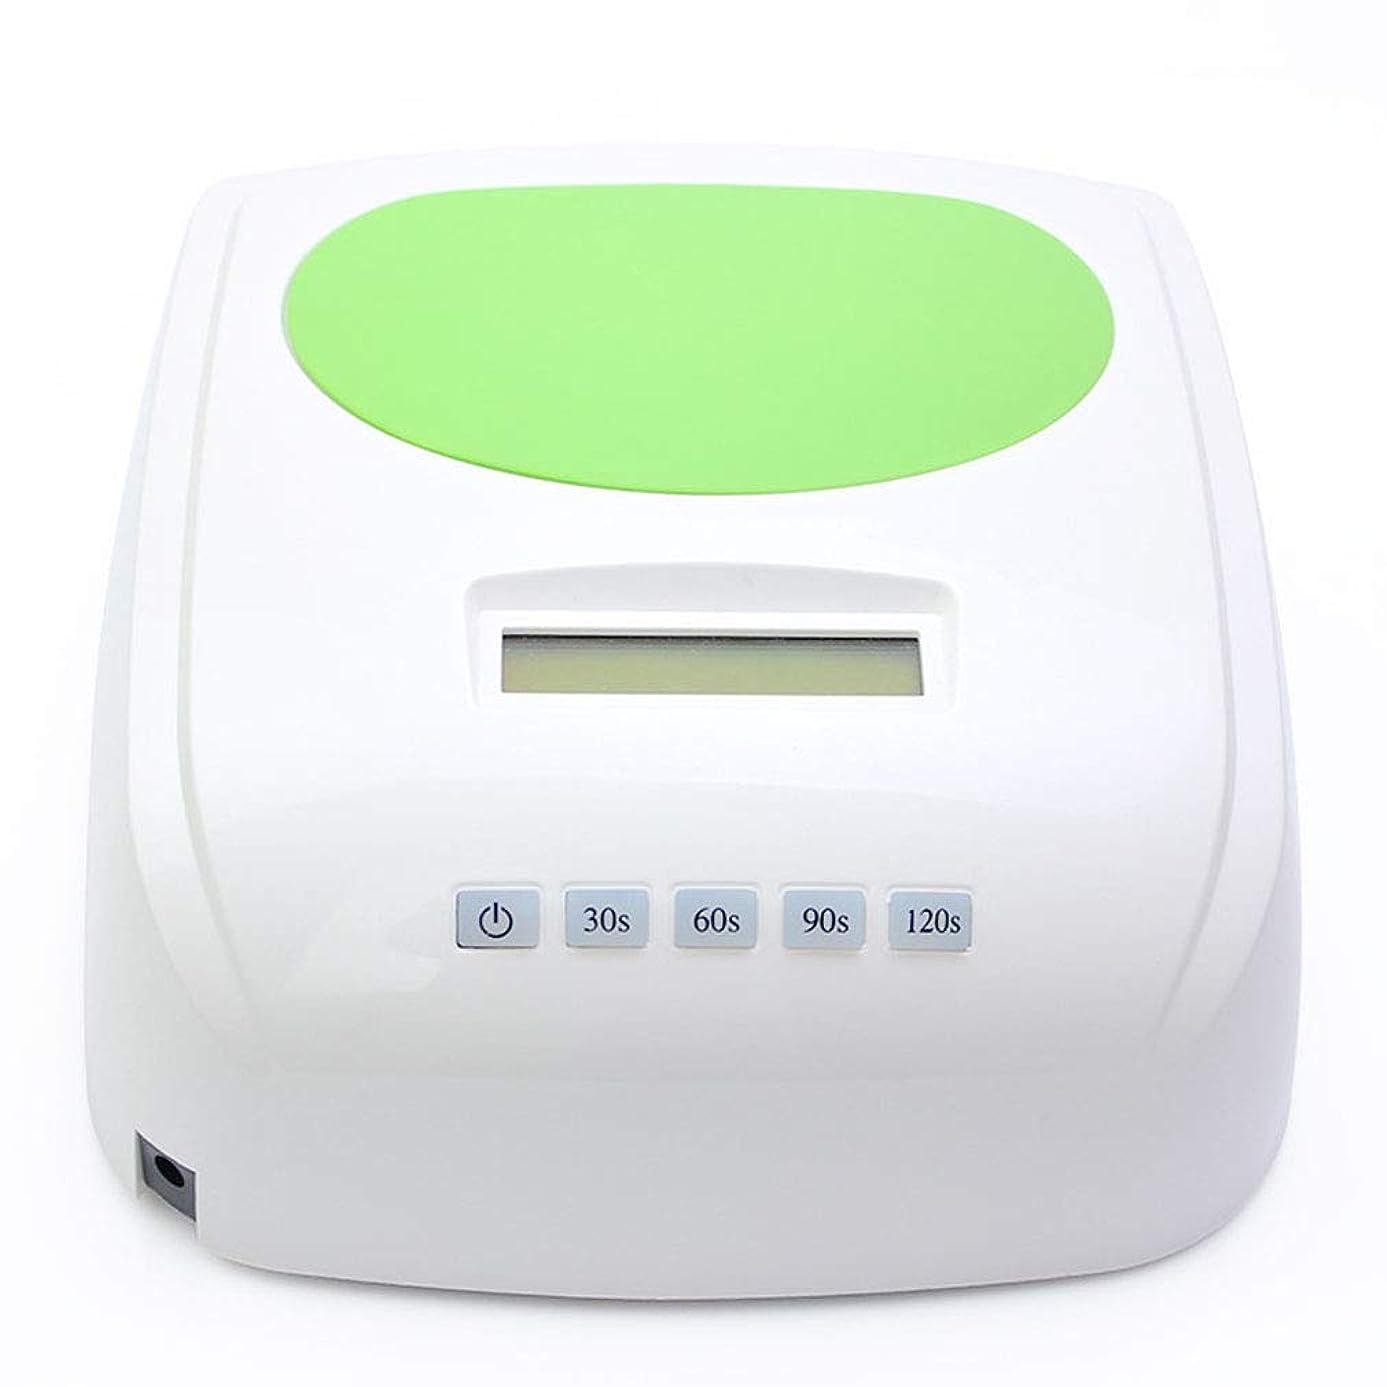 パス強度デザート爪のための48WネイルドライヤーLED / UVランプ、30/60/90/120秒タイマー、赤外線センサー、LCDディスプレイ、すべてのゲルに適して